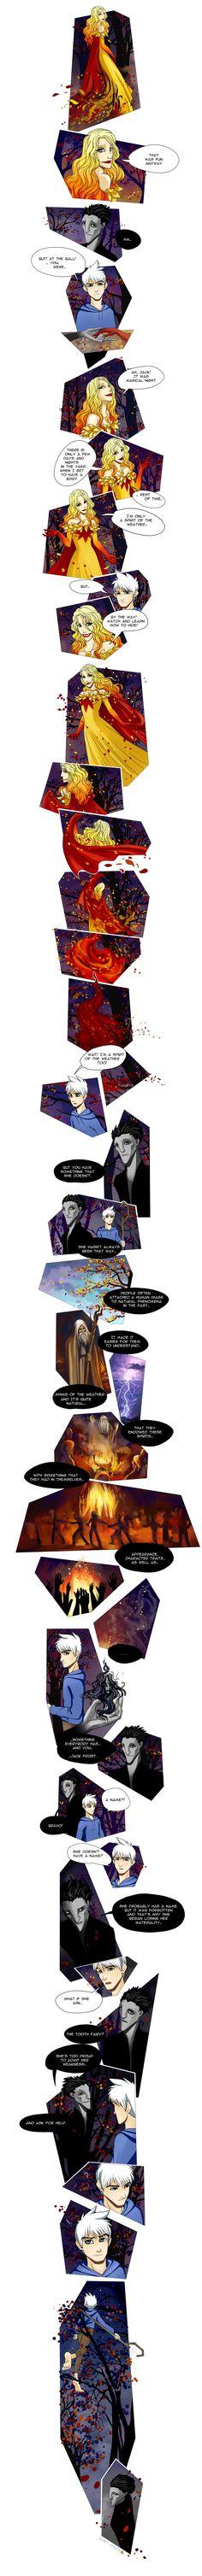 Part 12 by Ka-ren on deviantART